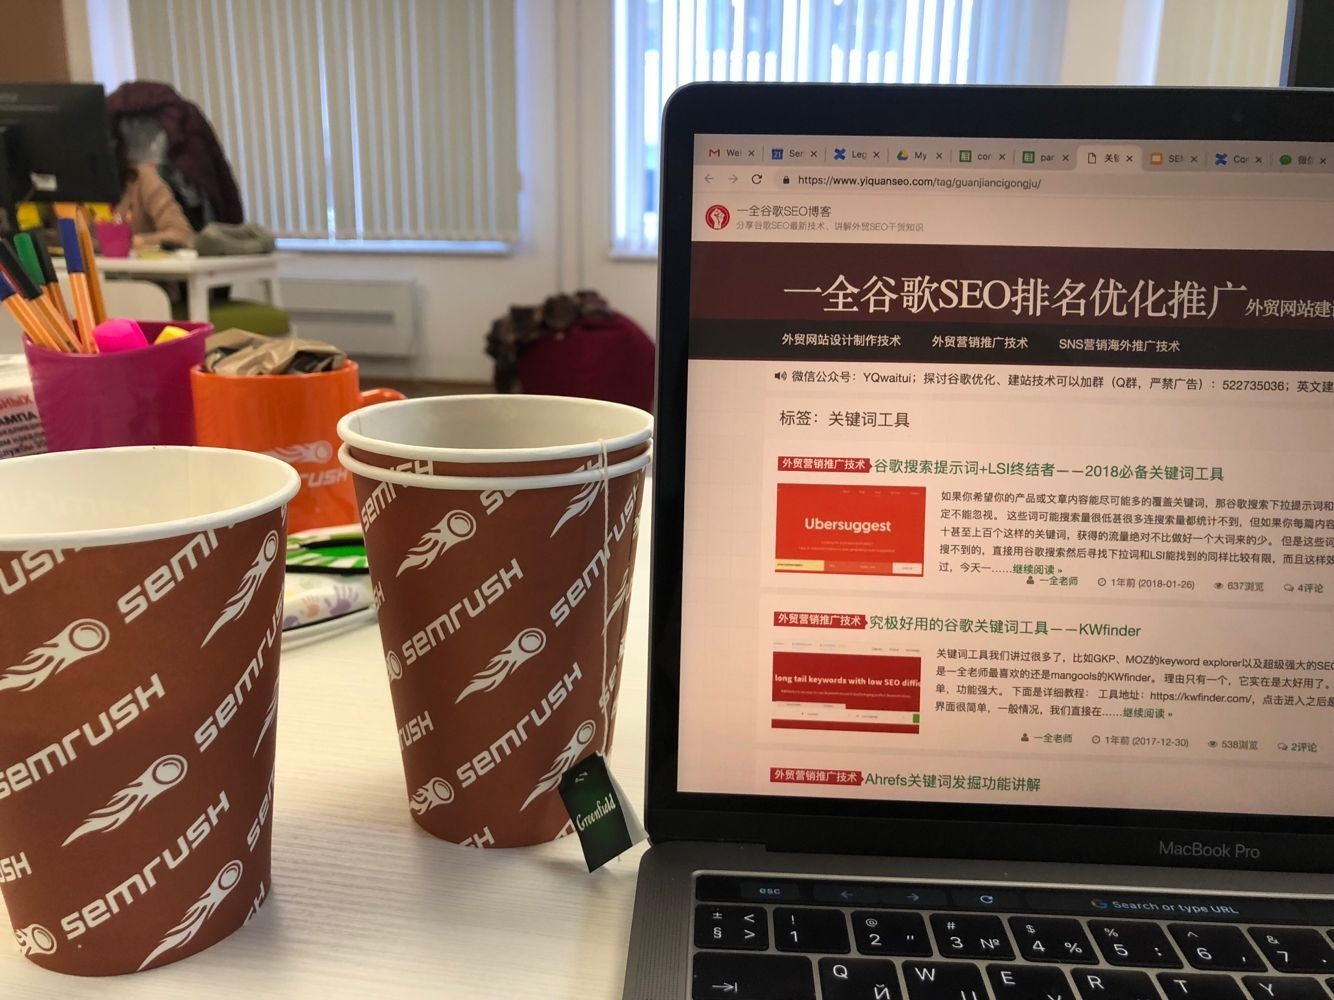 2019年外贸最不容错过的一次盛会!国外著名网络营销品牌Semrush讲师亲授,仅此一日!地点深圳。